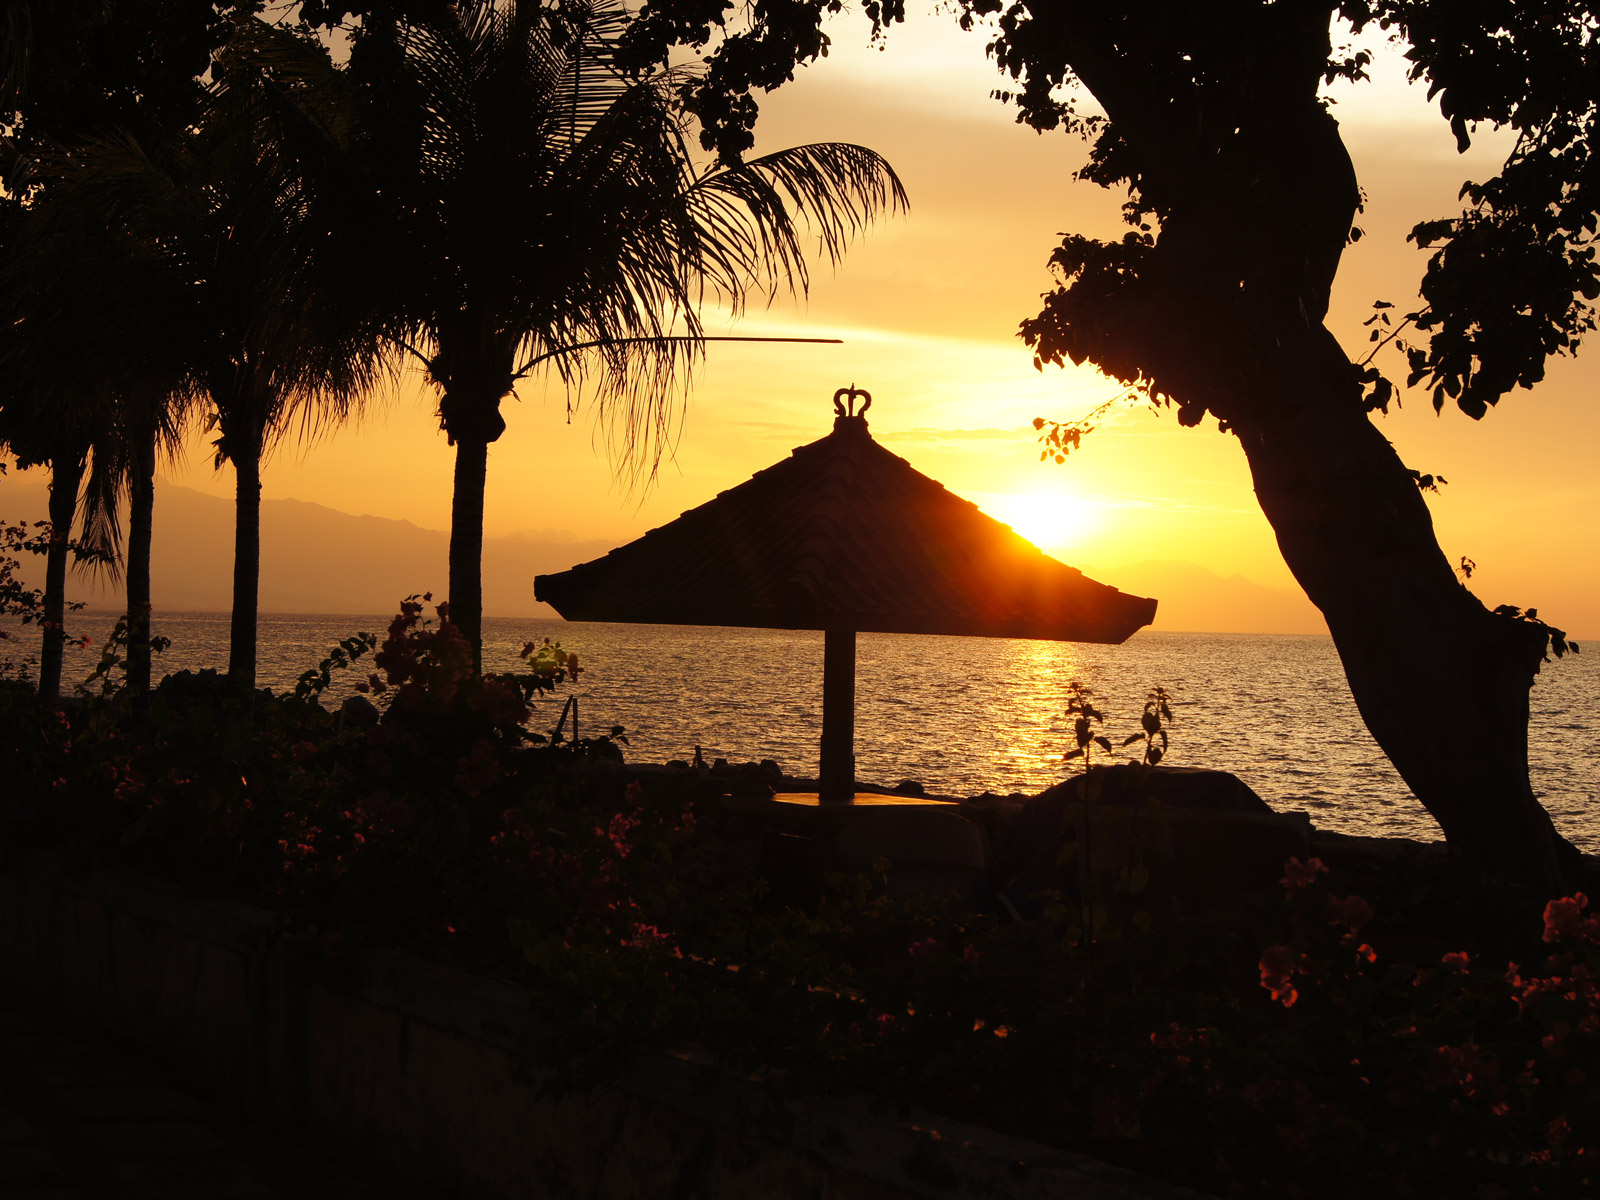 rondreis lombok senggigi puri saron hotel 2